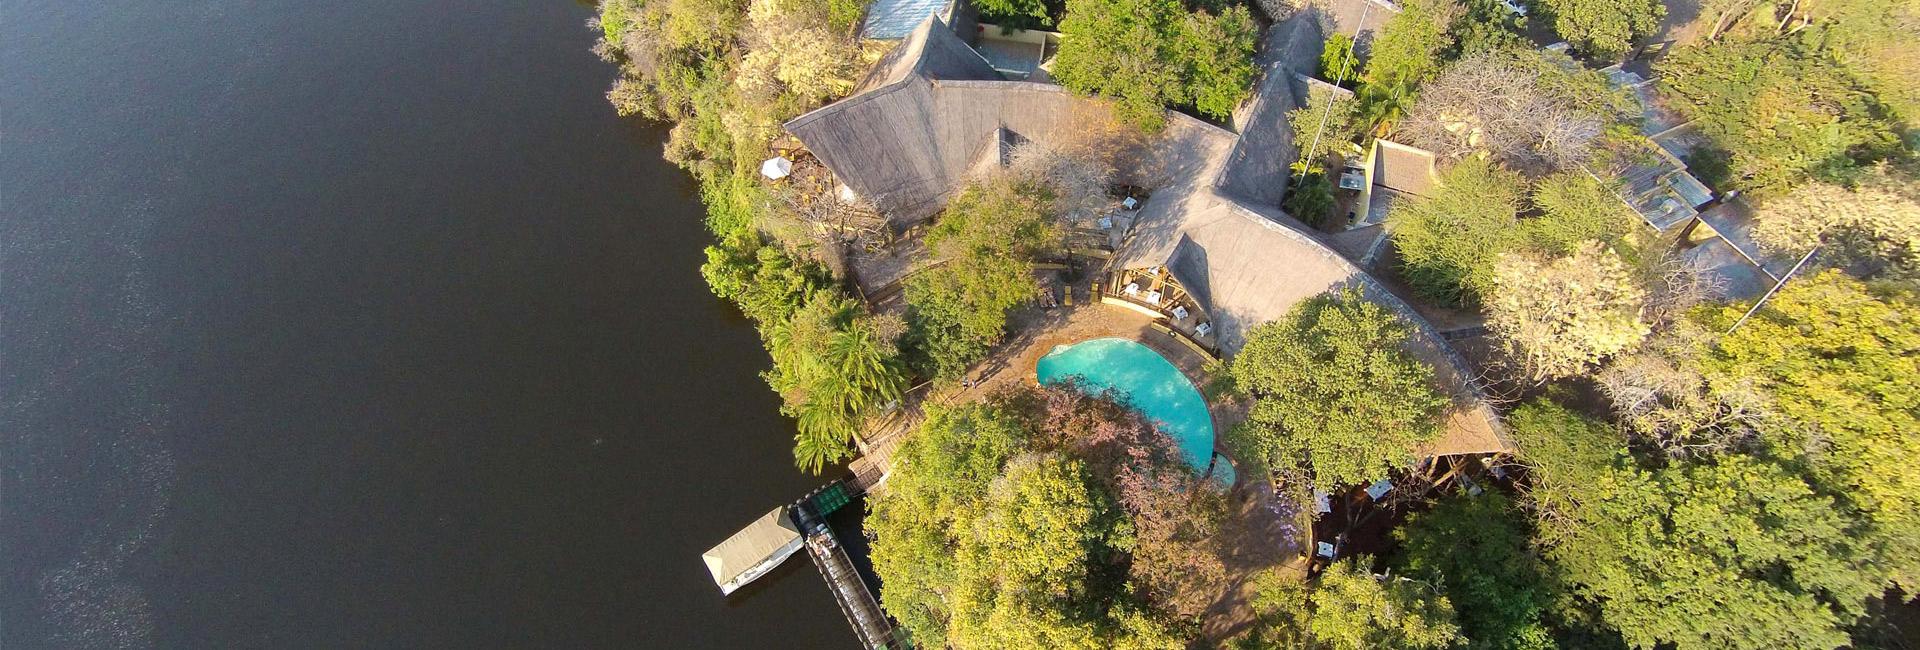 3 Days Chobe Safari Lodge